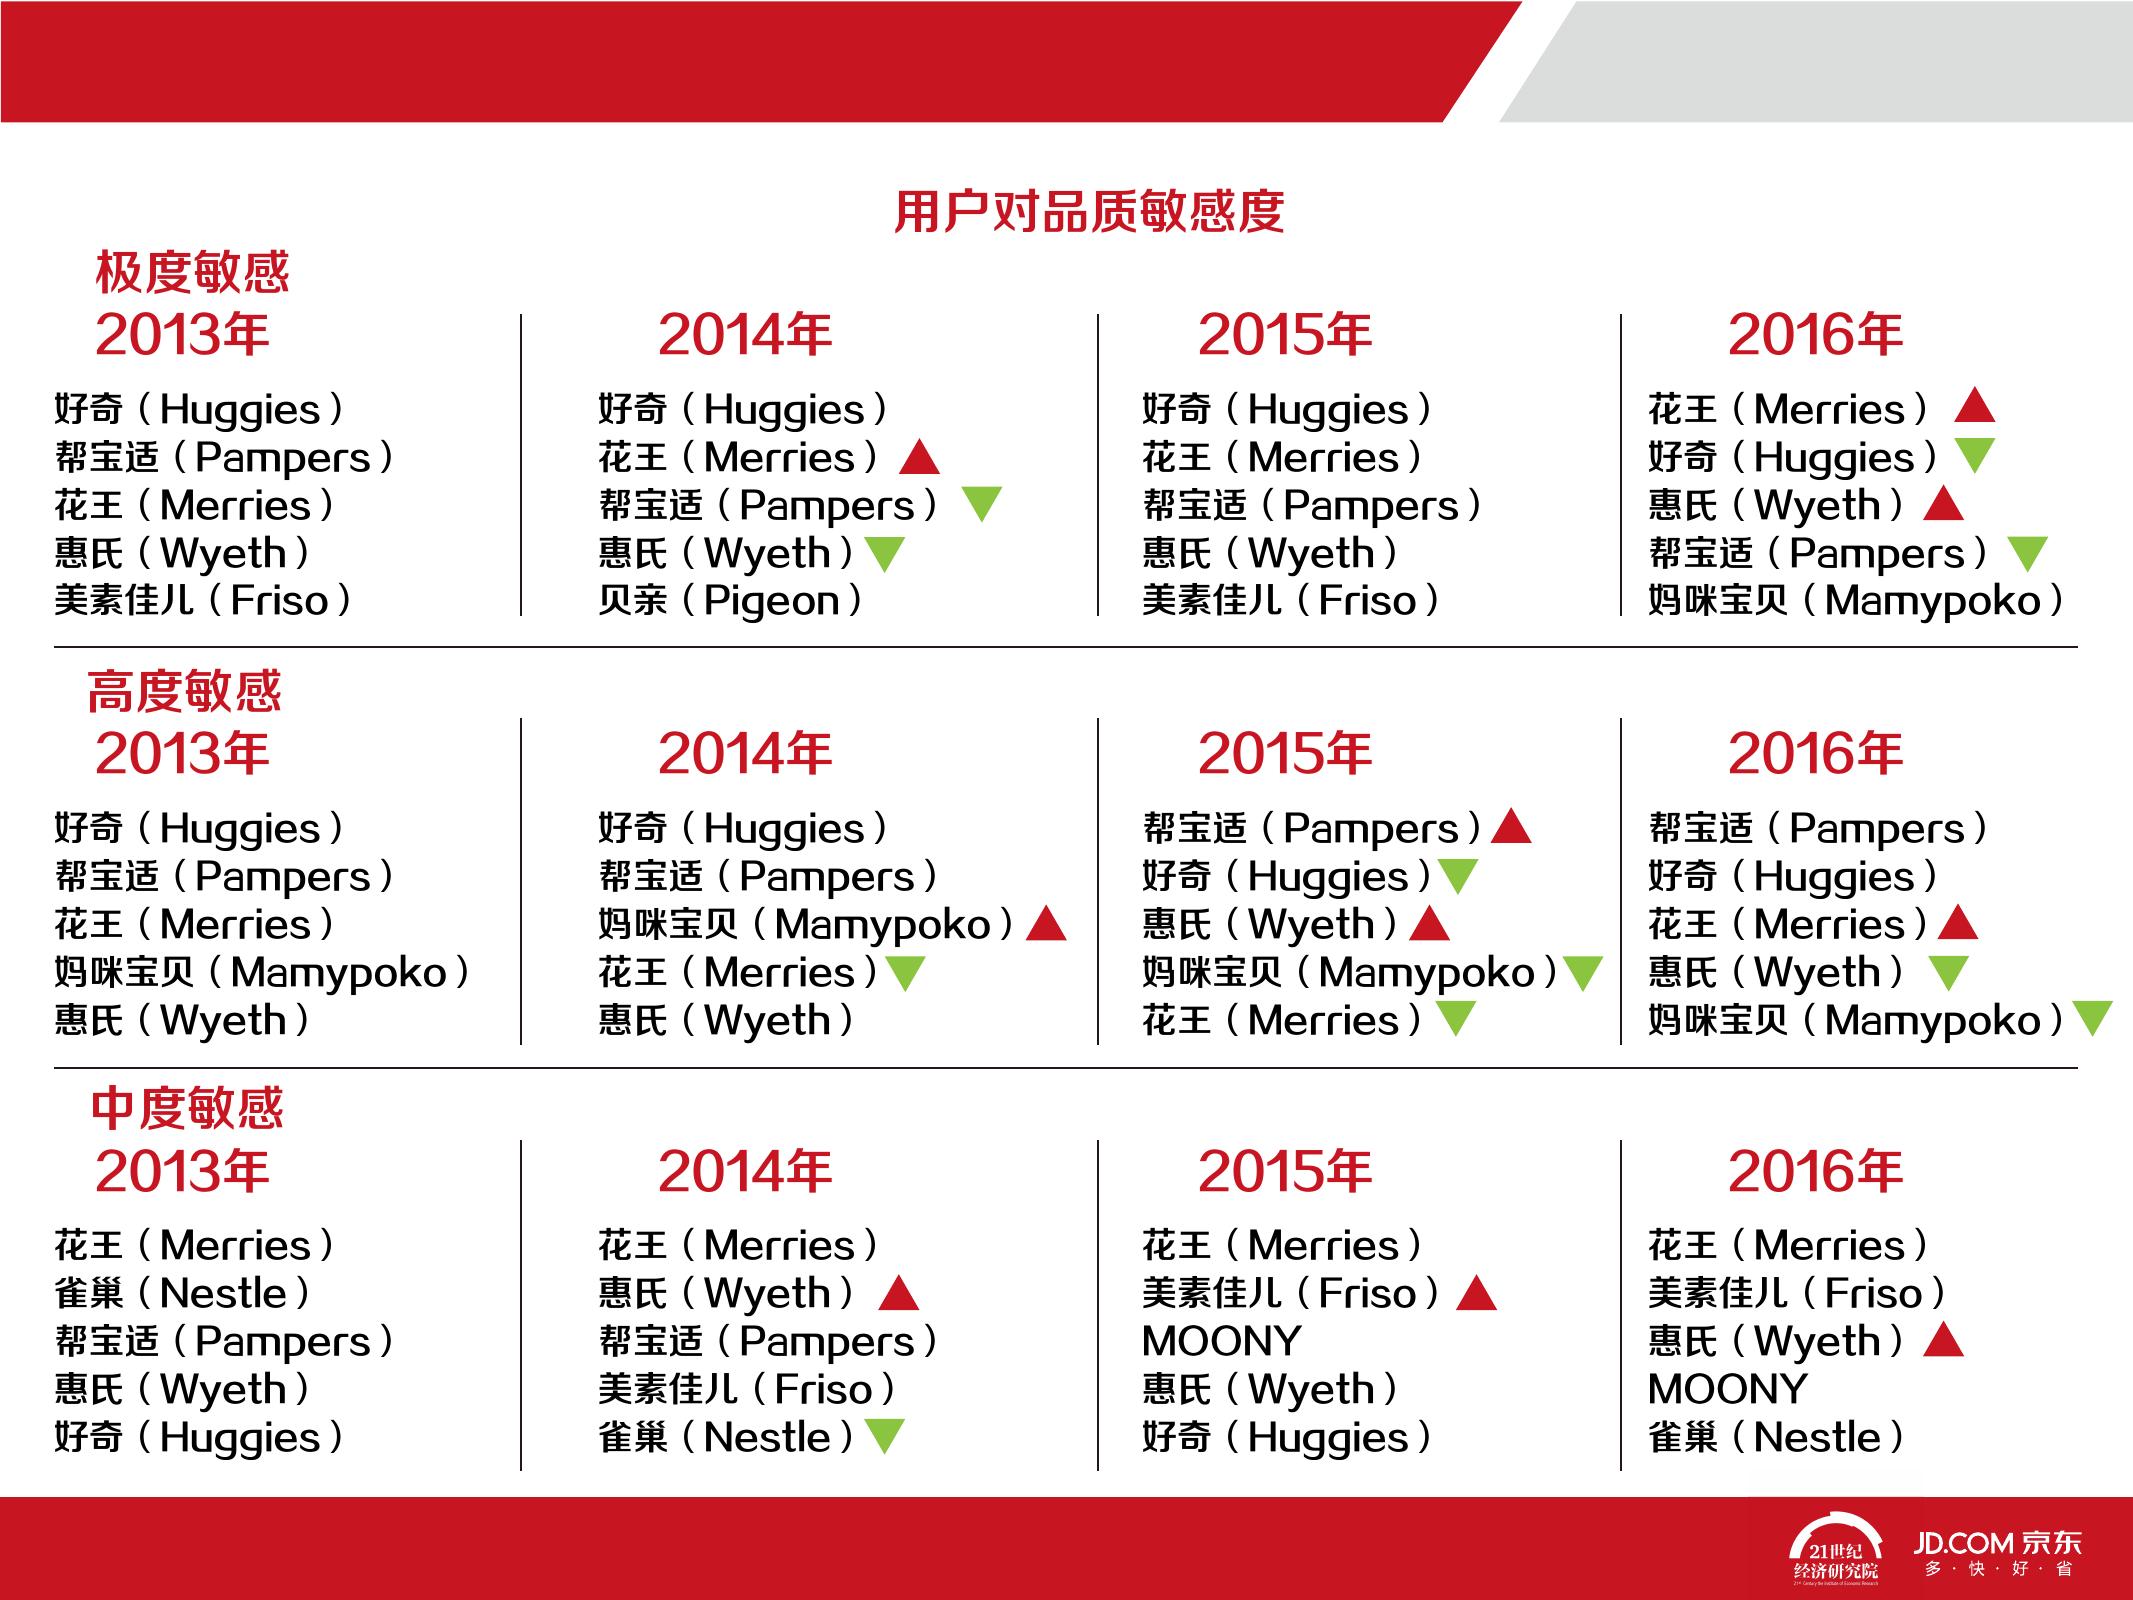 2016中国母婴产品消费趋势报告_000056